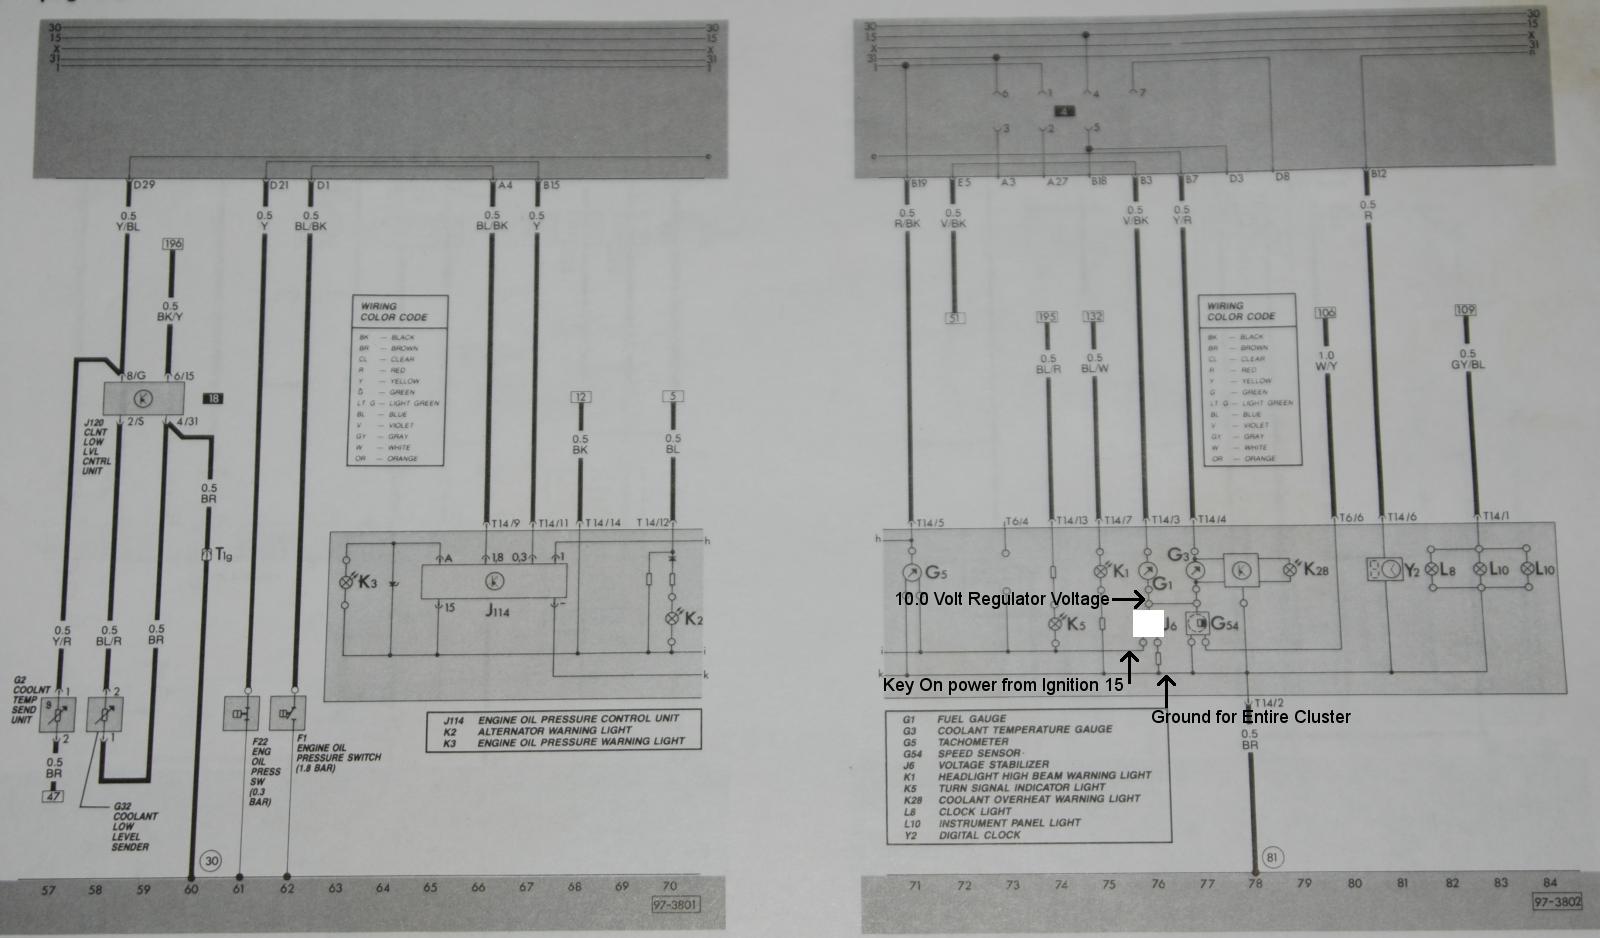 vortex flow meter wiring diagram seven pin trailer plug vwvortex tach and gauges gone